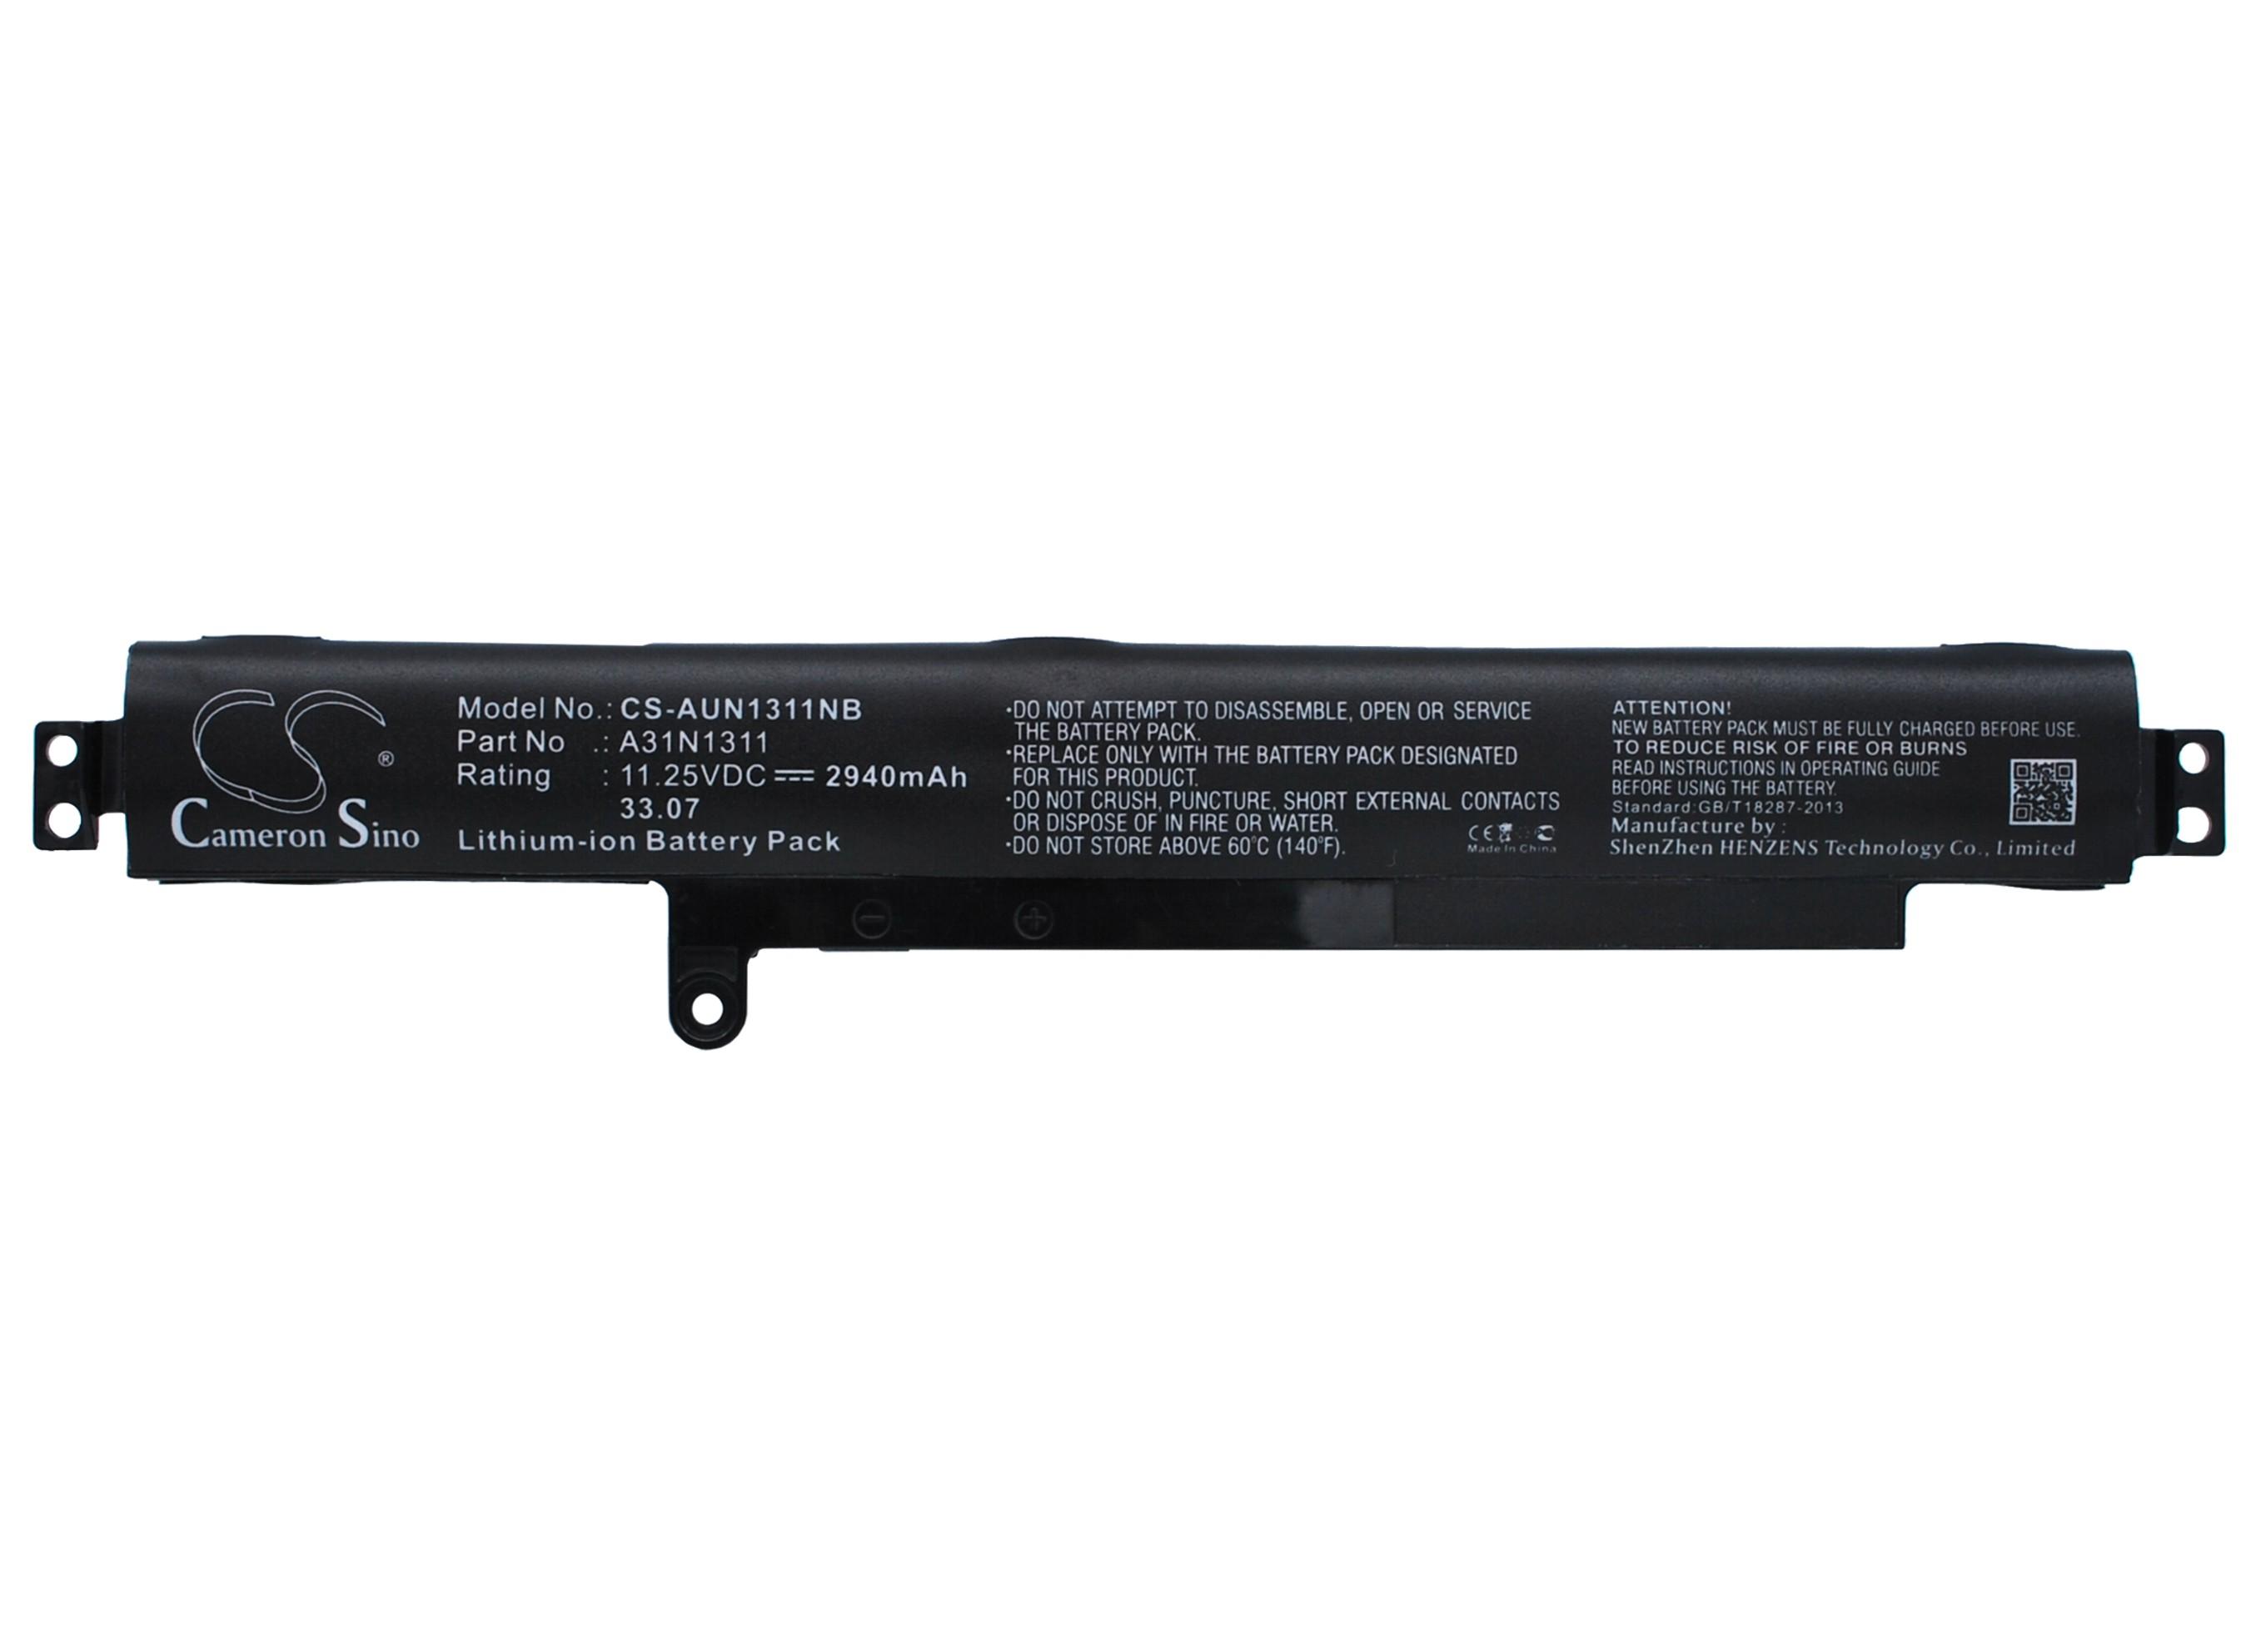 Cameron Sino baterie do notebooků za F102BA 11.25V Li-ion 2940mAh černá - neoriginální